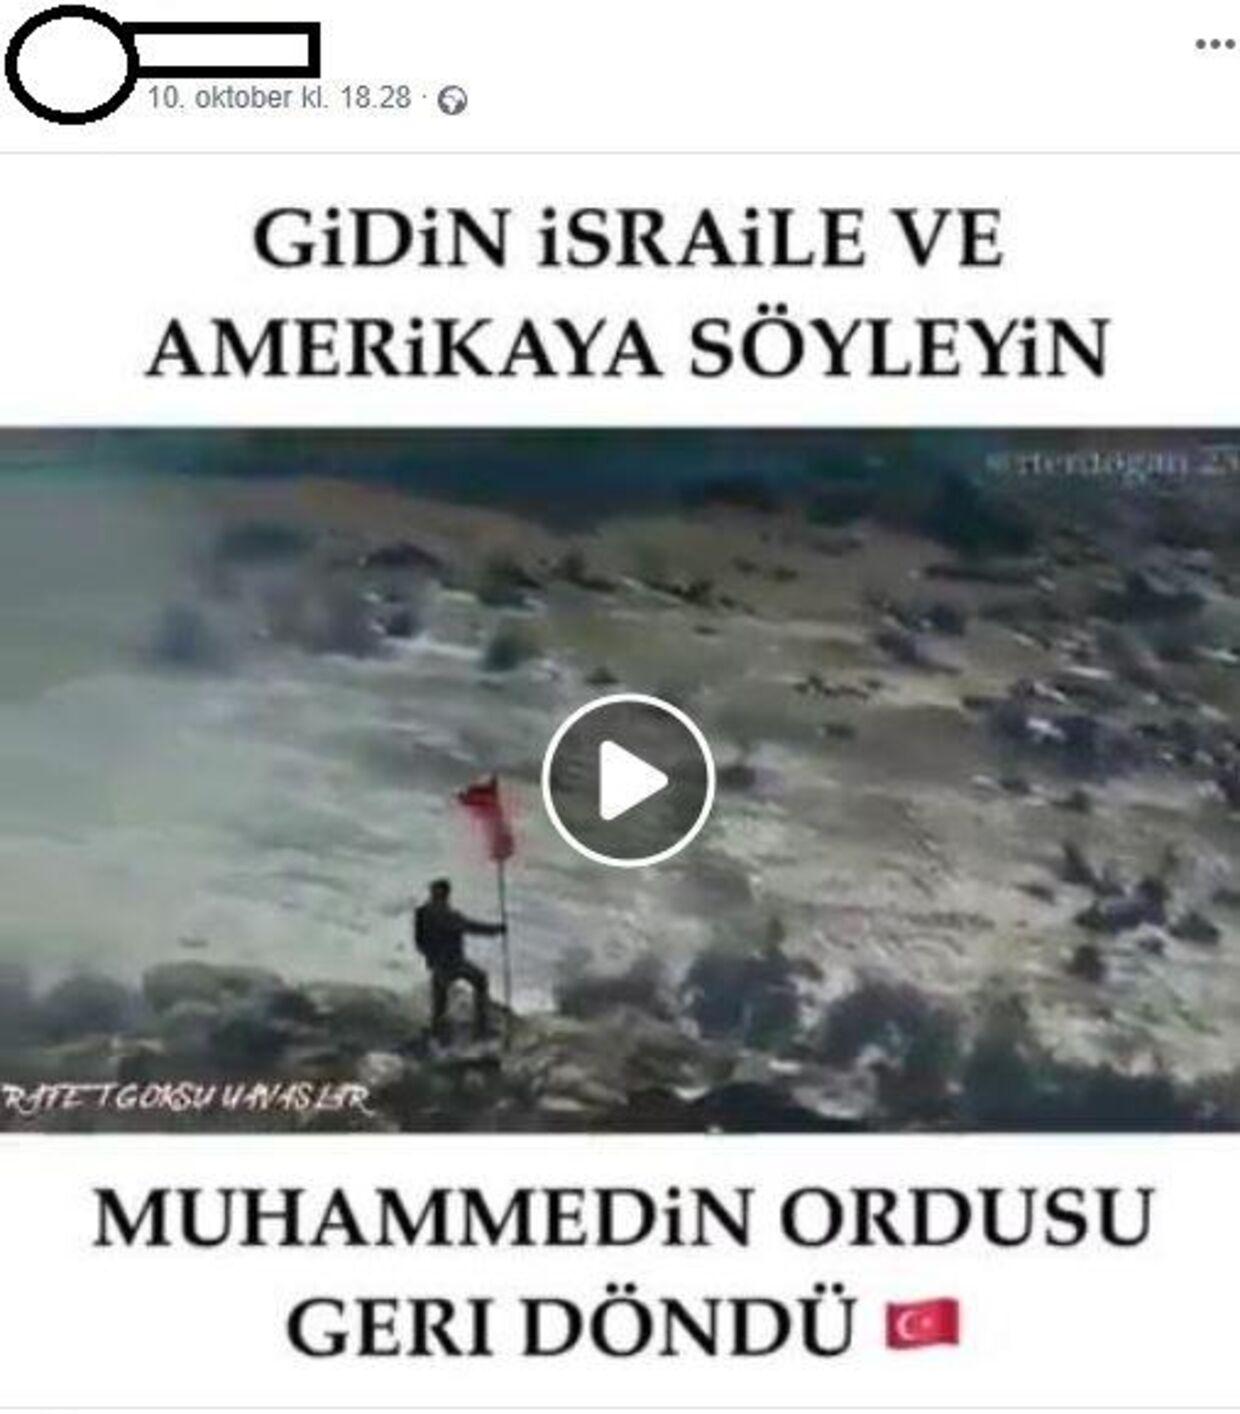 Tekst oversat til: 'Tag til Israel og USA og fortæl dem, at Muhammeds hær er tilbage'